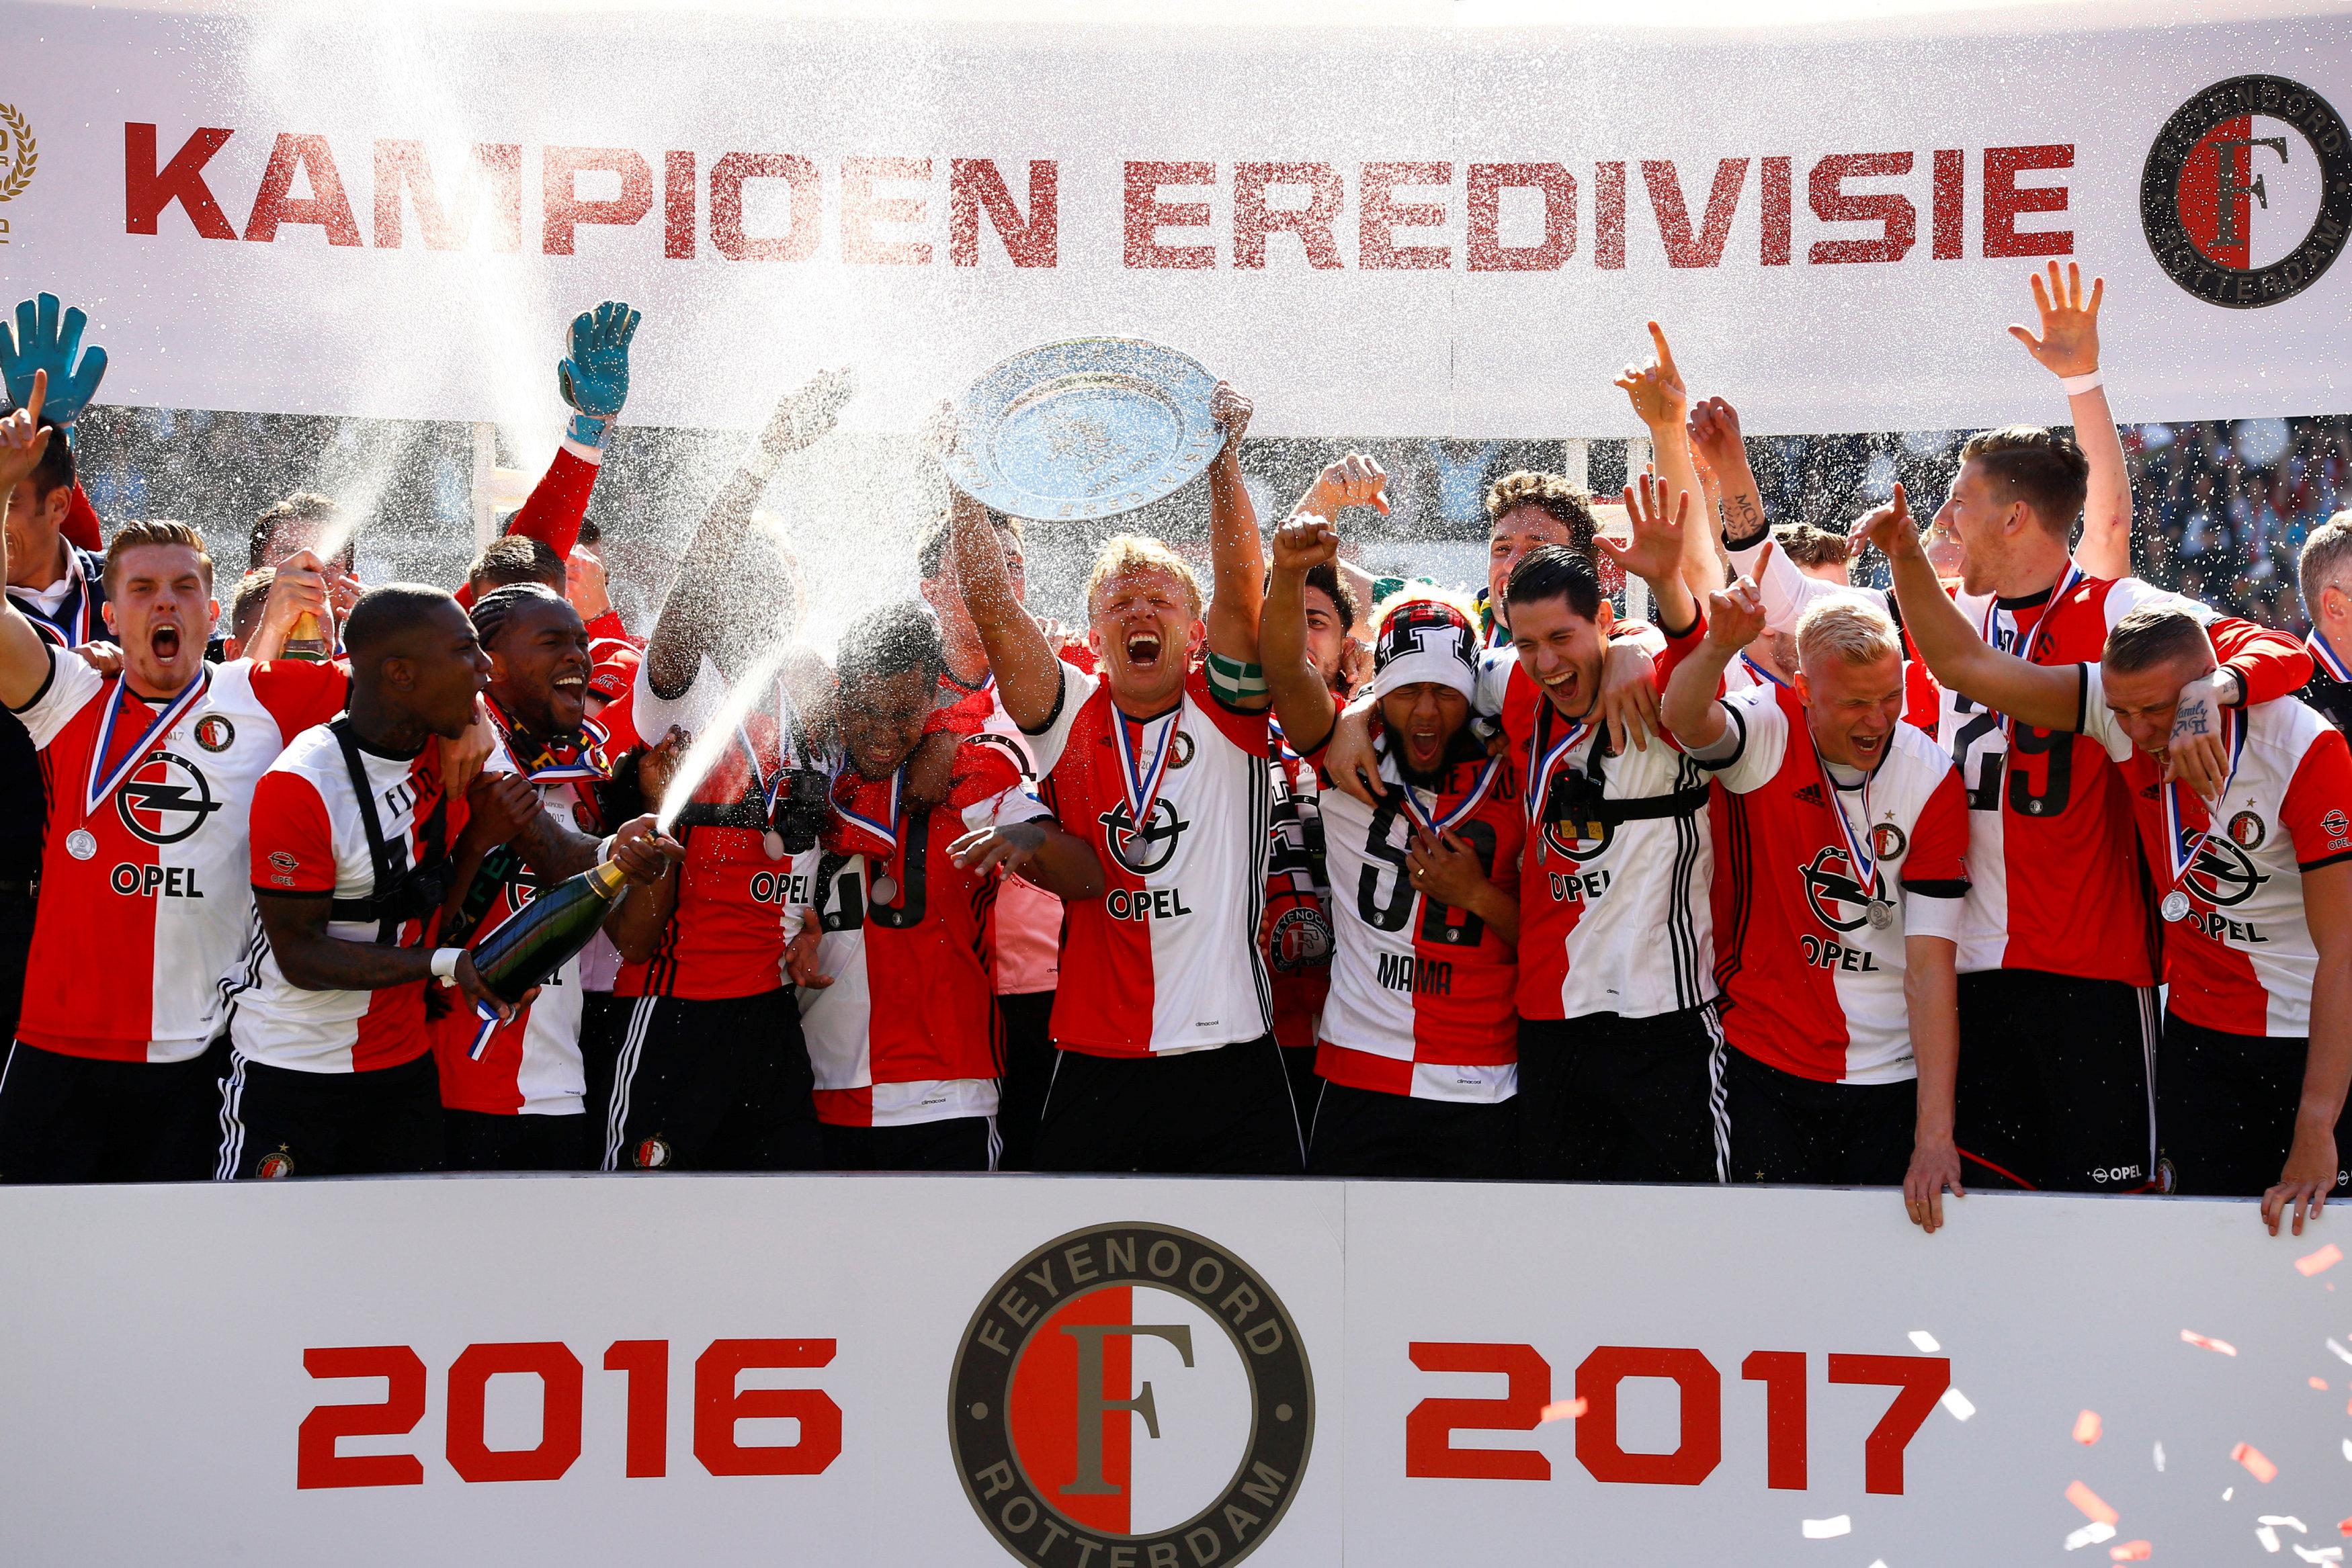 Feyenoord lên ngôi vô địch Hà Lan mùa 2016-2017